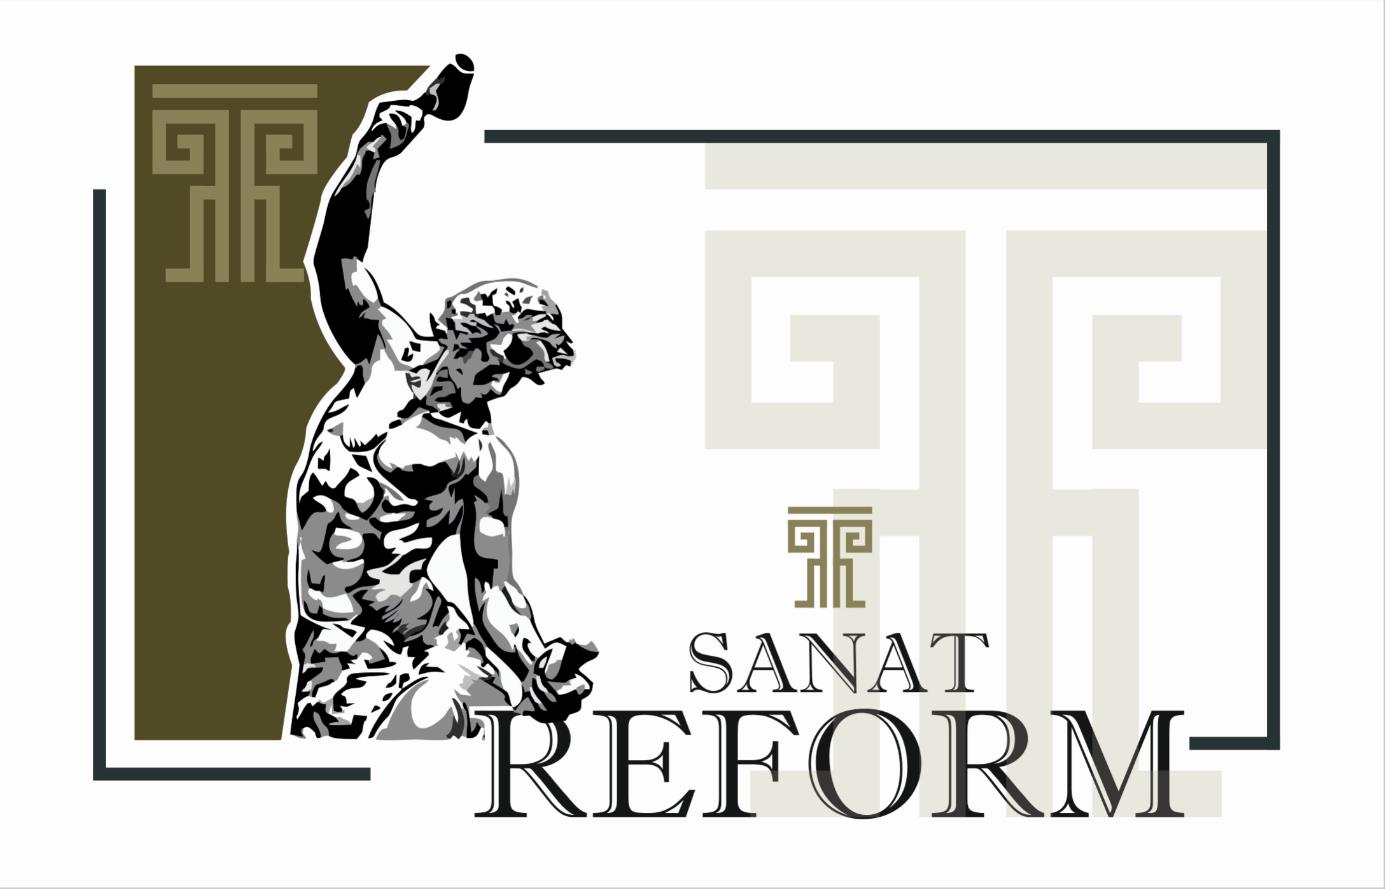 Sanat Reform logo